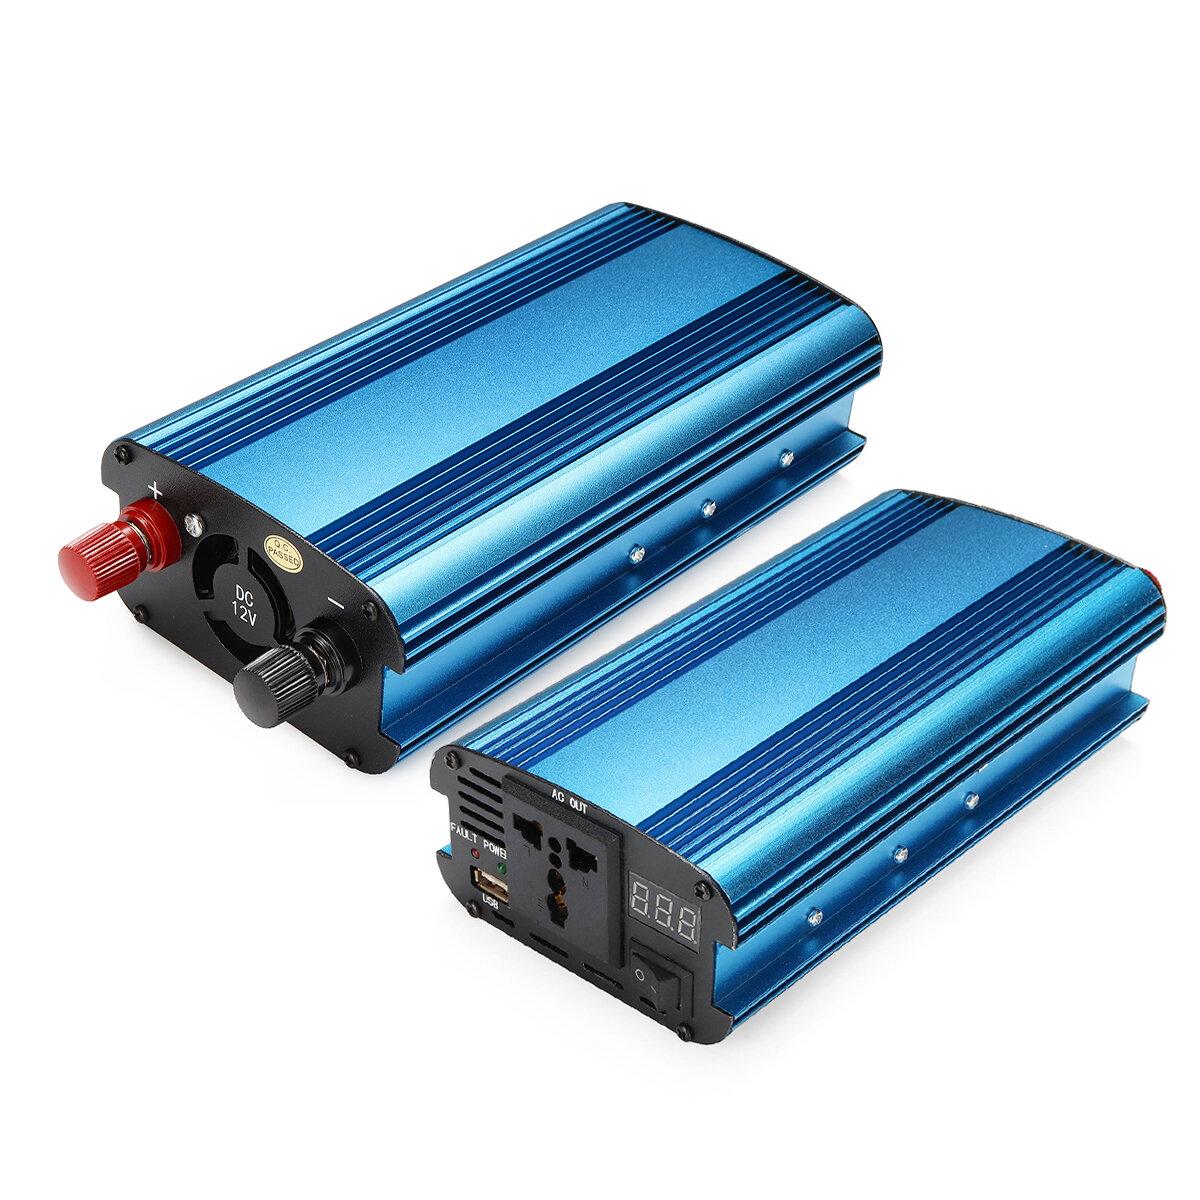 1200W PEAK DC 12V / 24V à AC 220V Chargeur inverseur de puissance LED Convertisseur sinusoïdal modifié